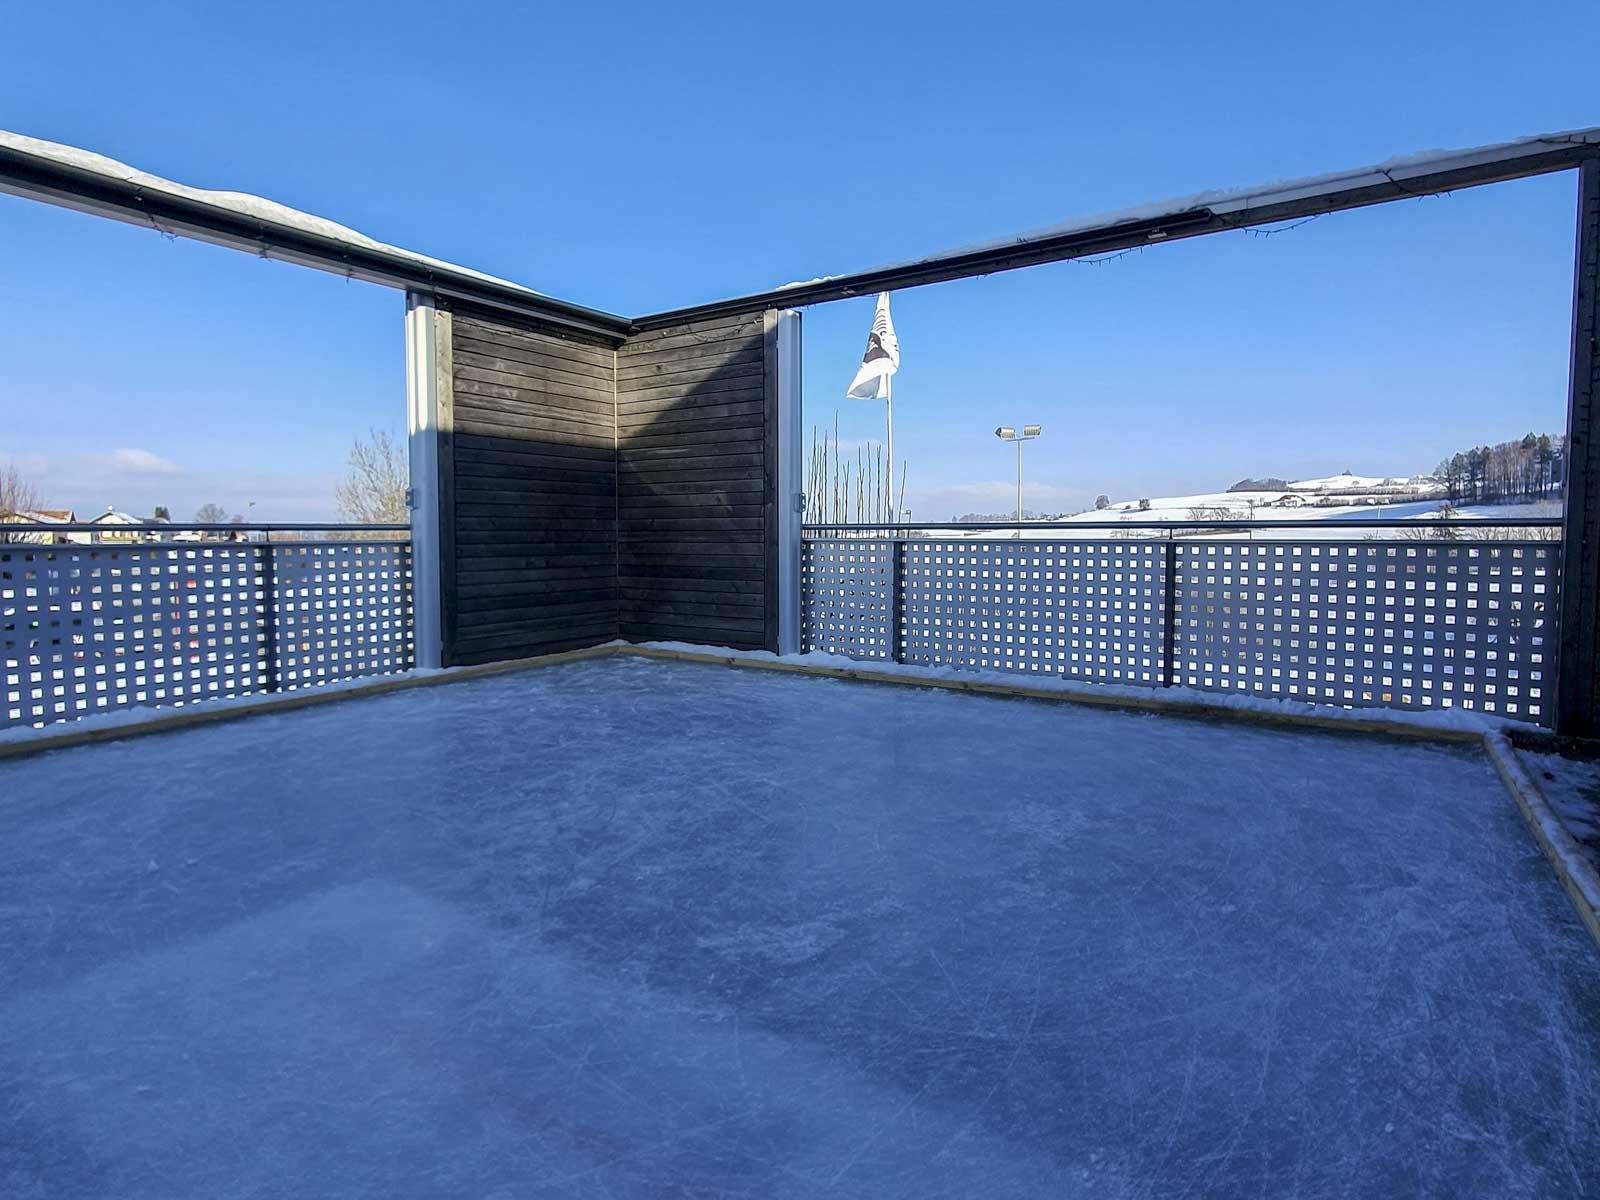 Wooddesign_Terrassengestaltung_Spielplatz_Eisfeld_ Naturholz_Lärchenholz vergraut_Aussenbeleuchtung (6)